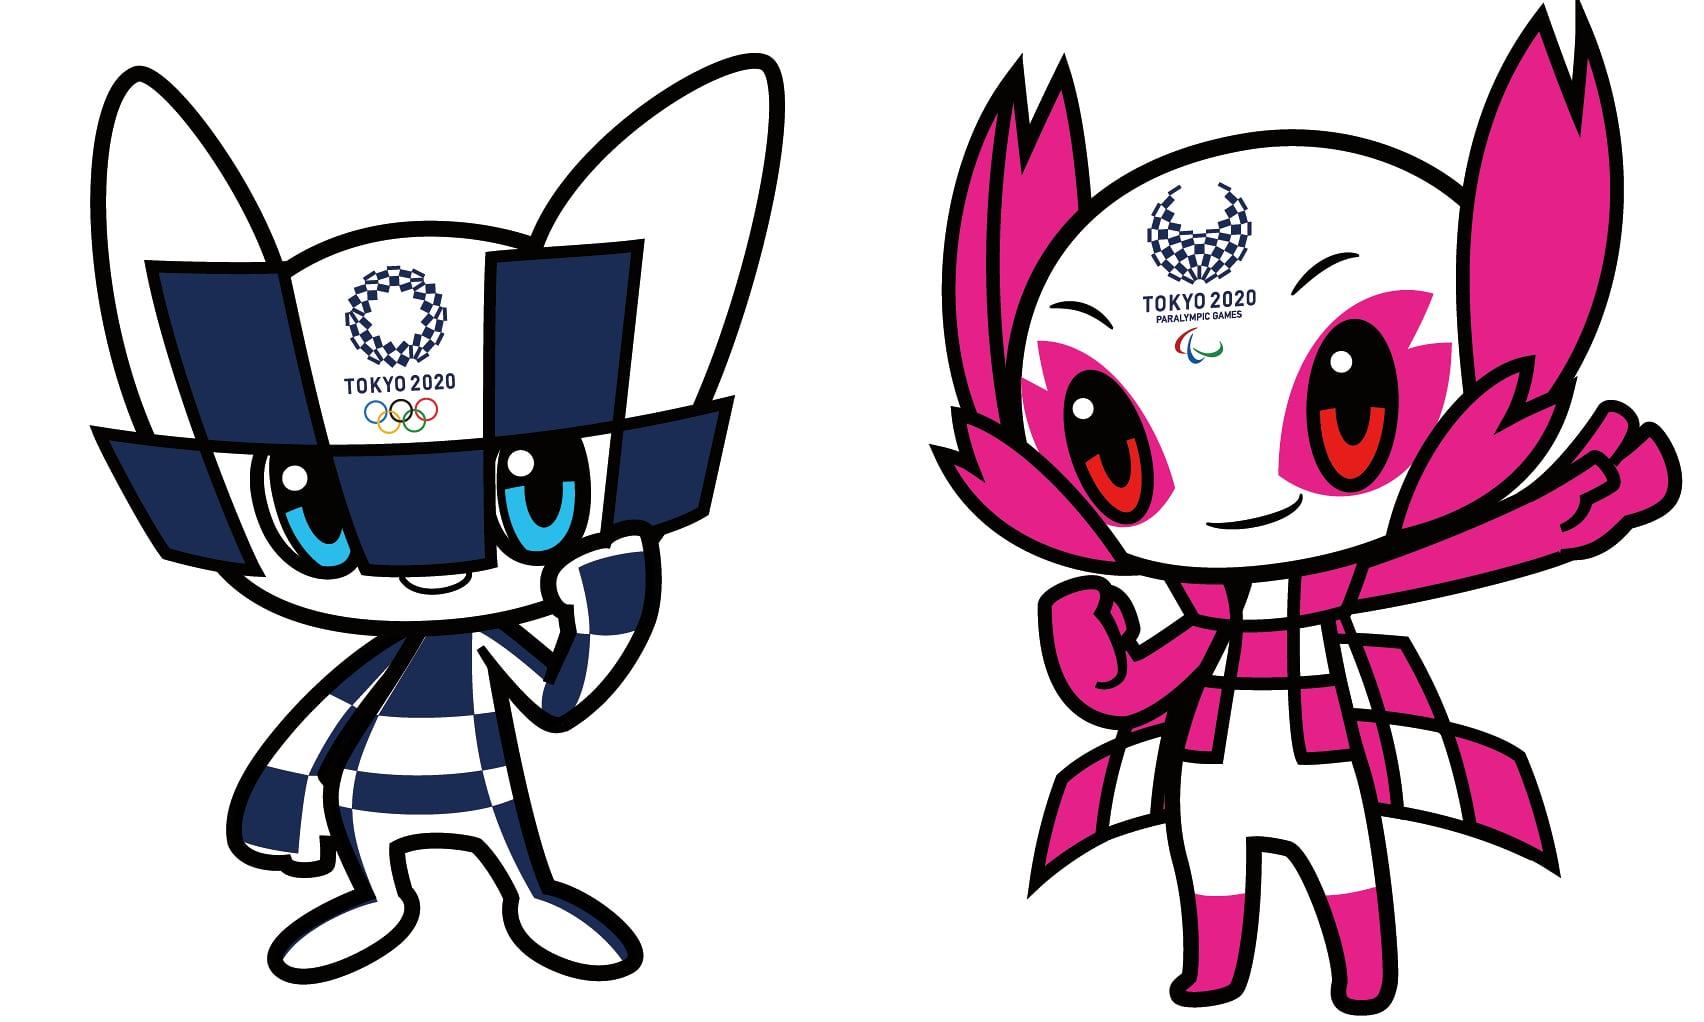 2020东京奥运会吉祥物揭晓,画风really神奇图片